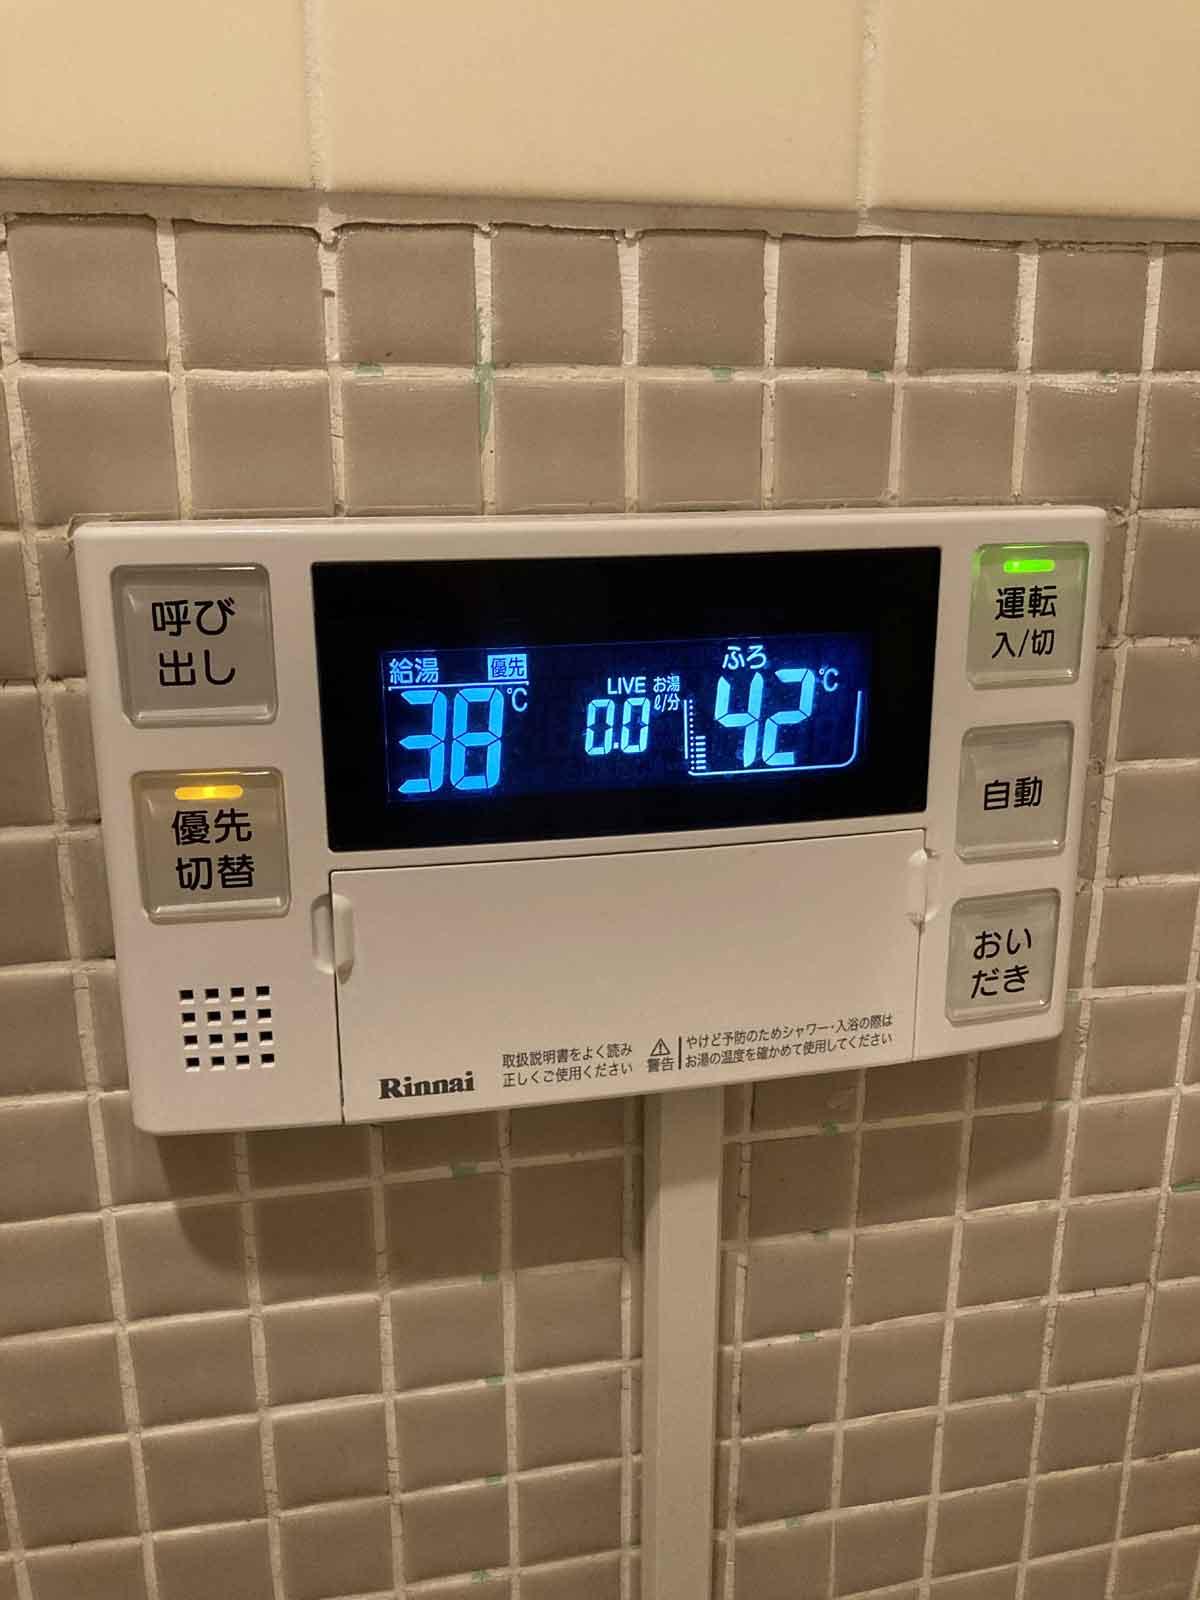 今まで通りの給湯コントローラーで温度制御もでき、オフにして水だけ出すこともできるまま